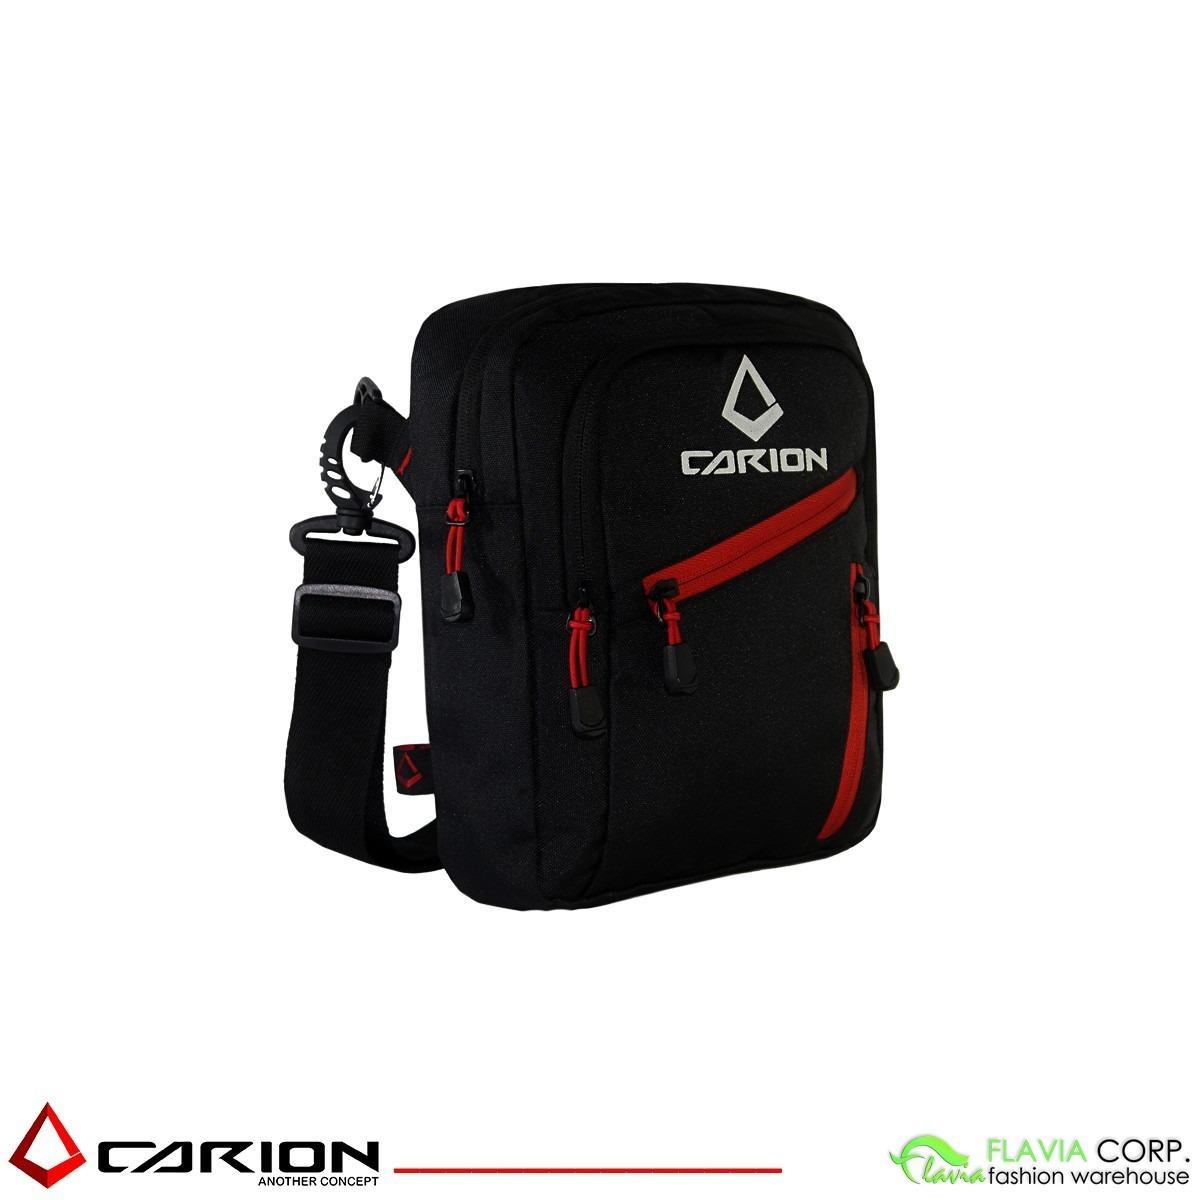 Harga Tas Selempang Pria Mini Sling Bag 210001 Online Jawa Barat